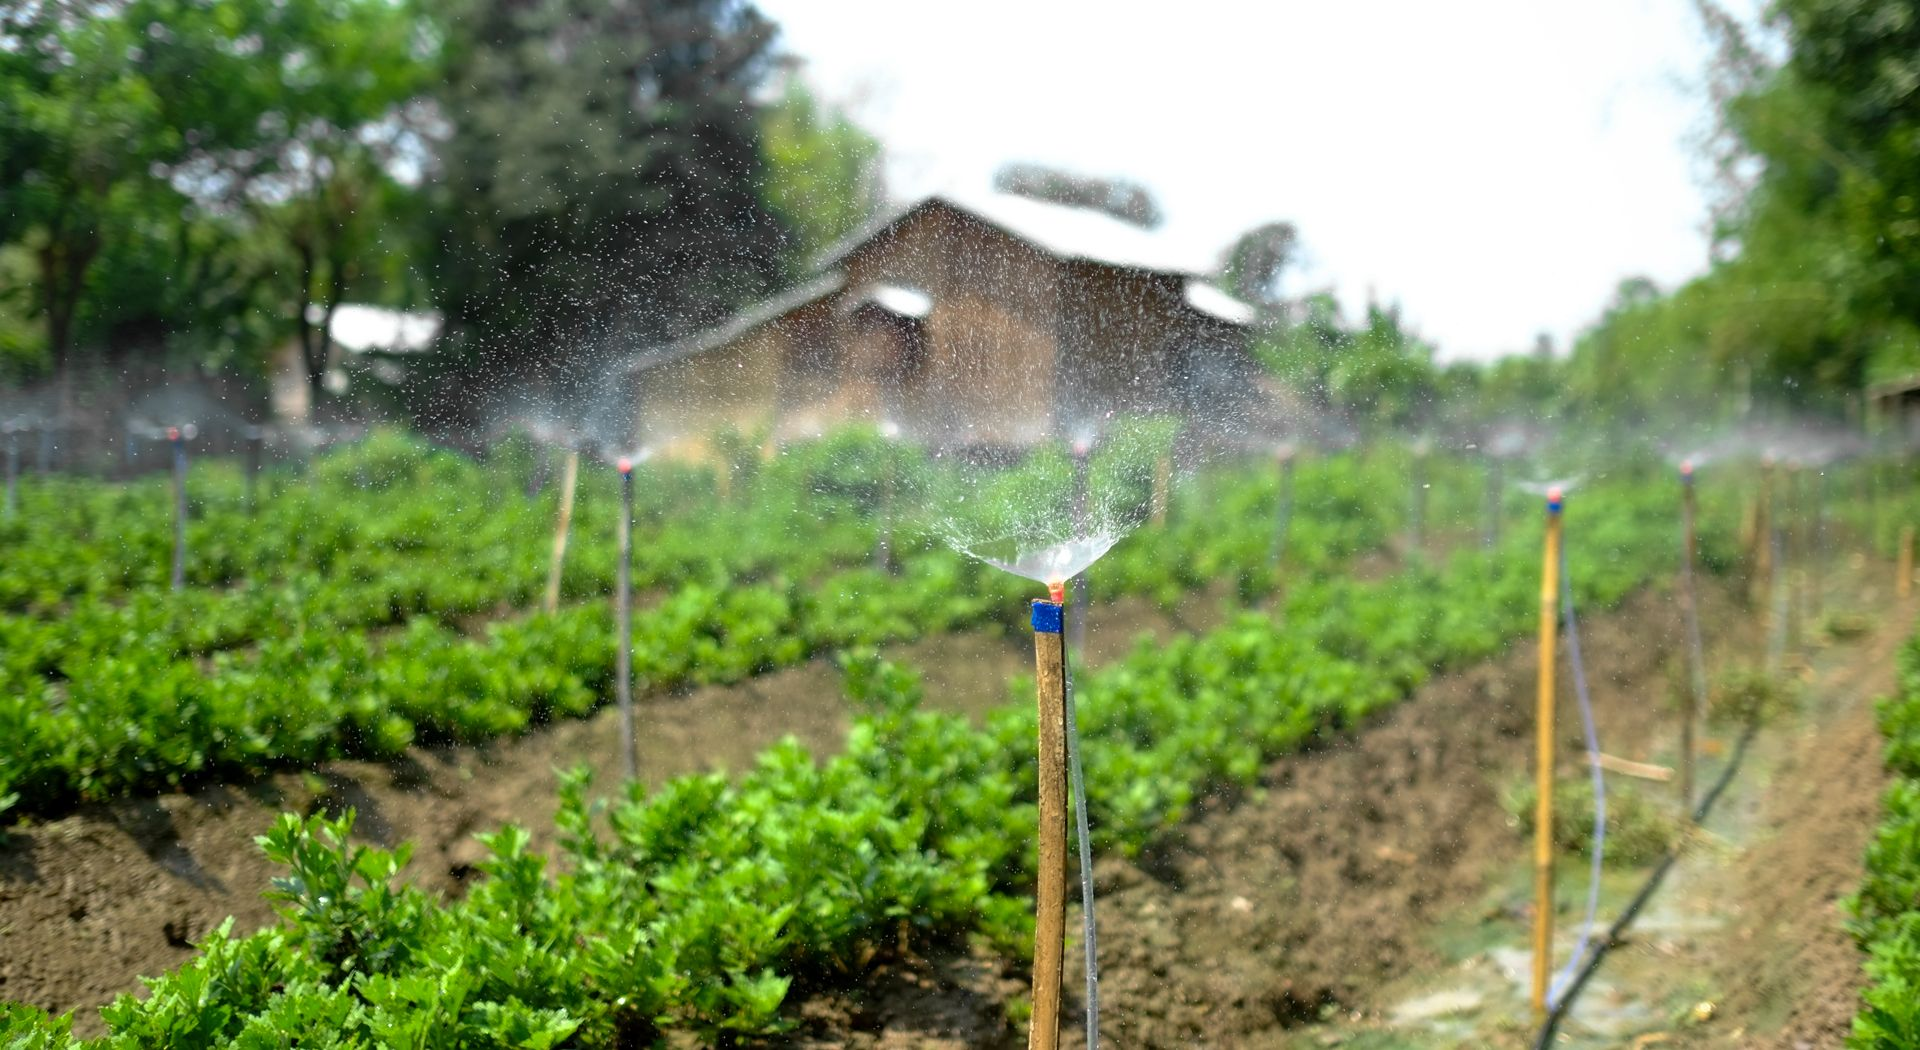 စိုက်ပျိုးရေချွေတာရေး နည်းလမ်း (၁၀)မျိုး